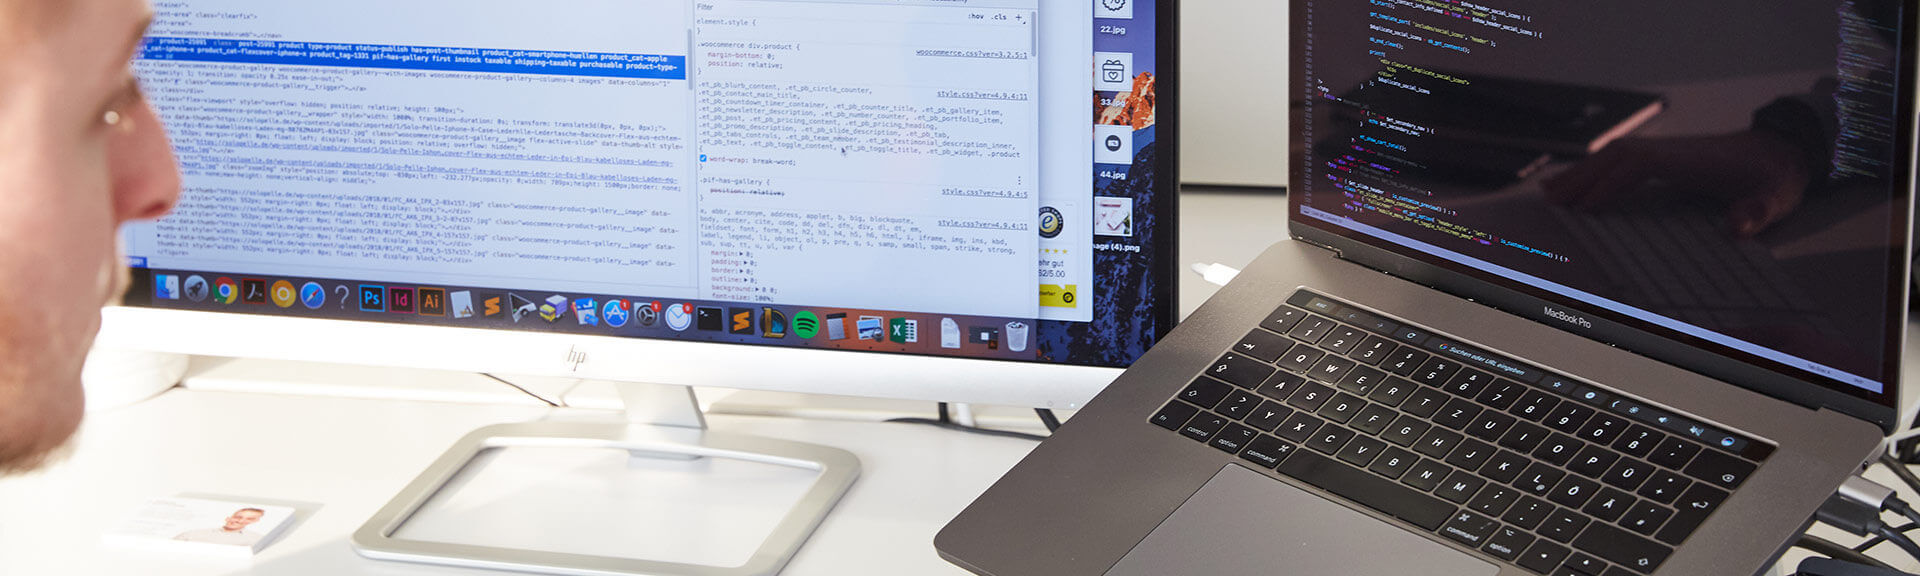 WordPress Websites - Die Vorteile